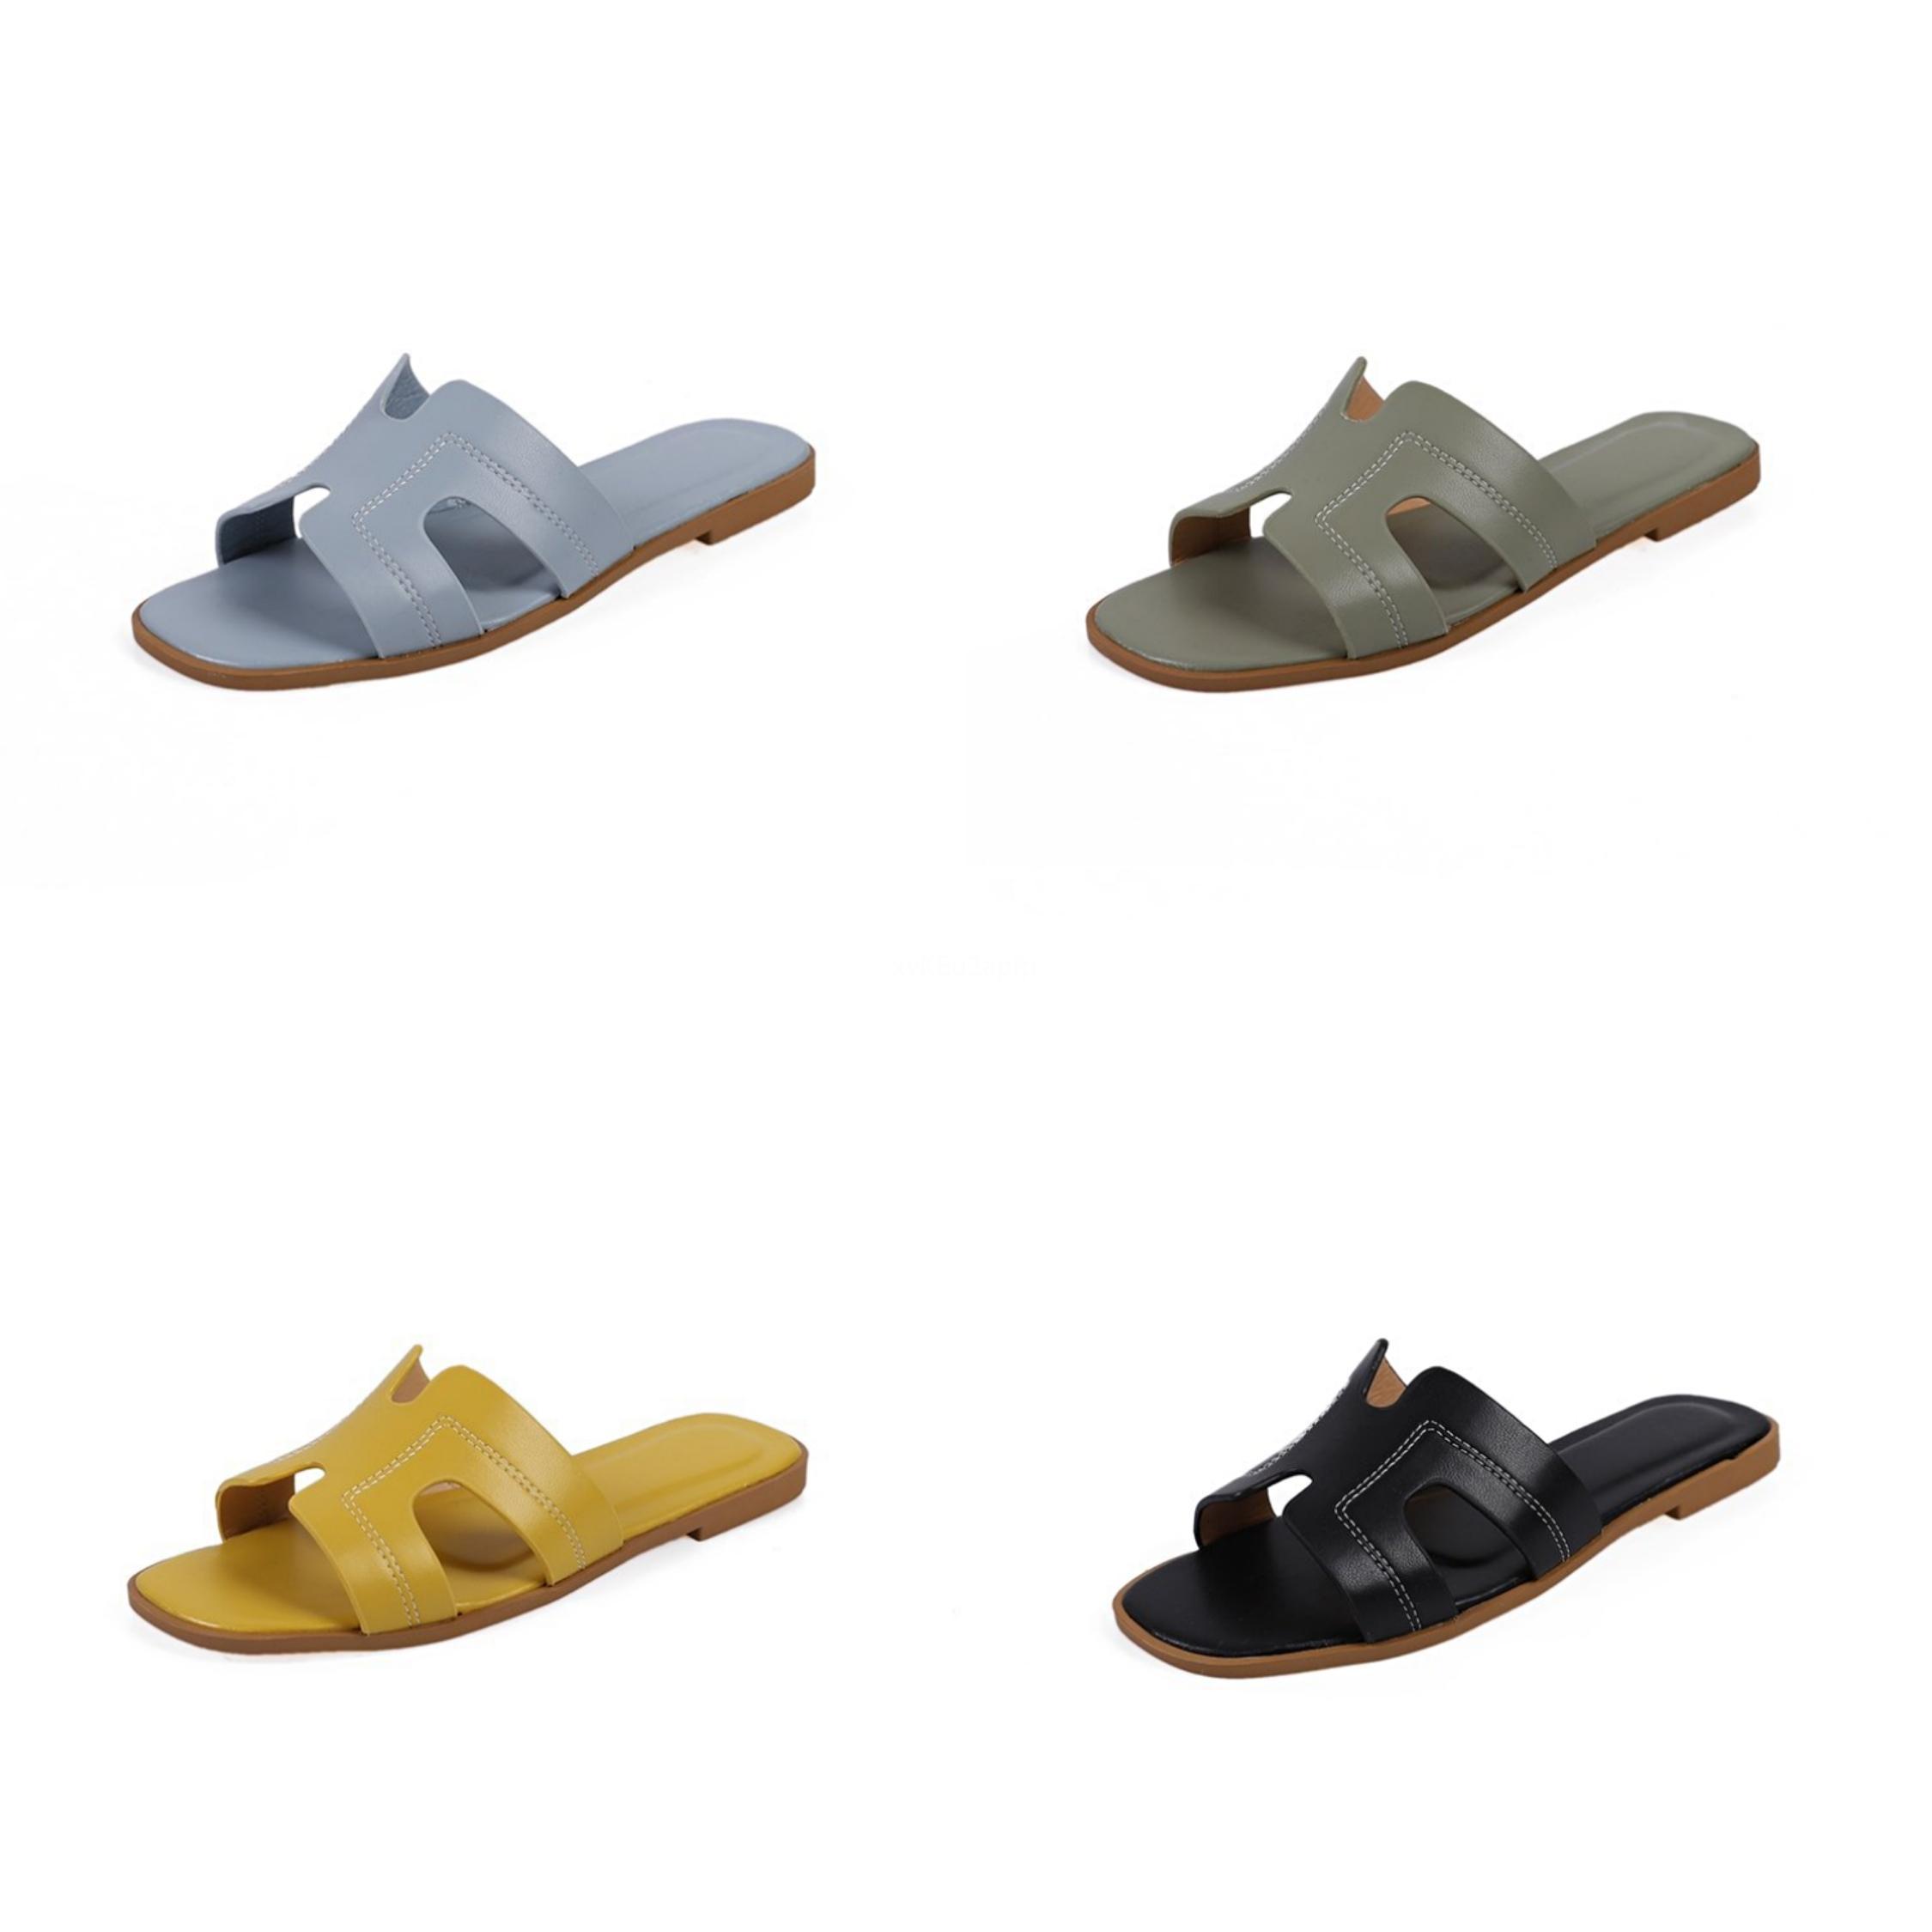 Cootelili 2020 deslizadores de las mujeres zapatos con puntera abierta mediados de talón mujeres del verano forman los deslizadores tela de malla estampado leopardo Negro base ocasional # 363